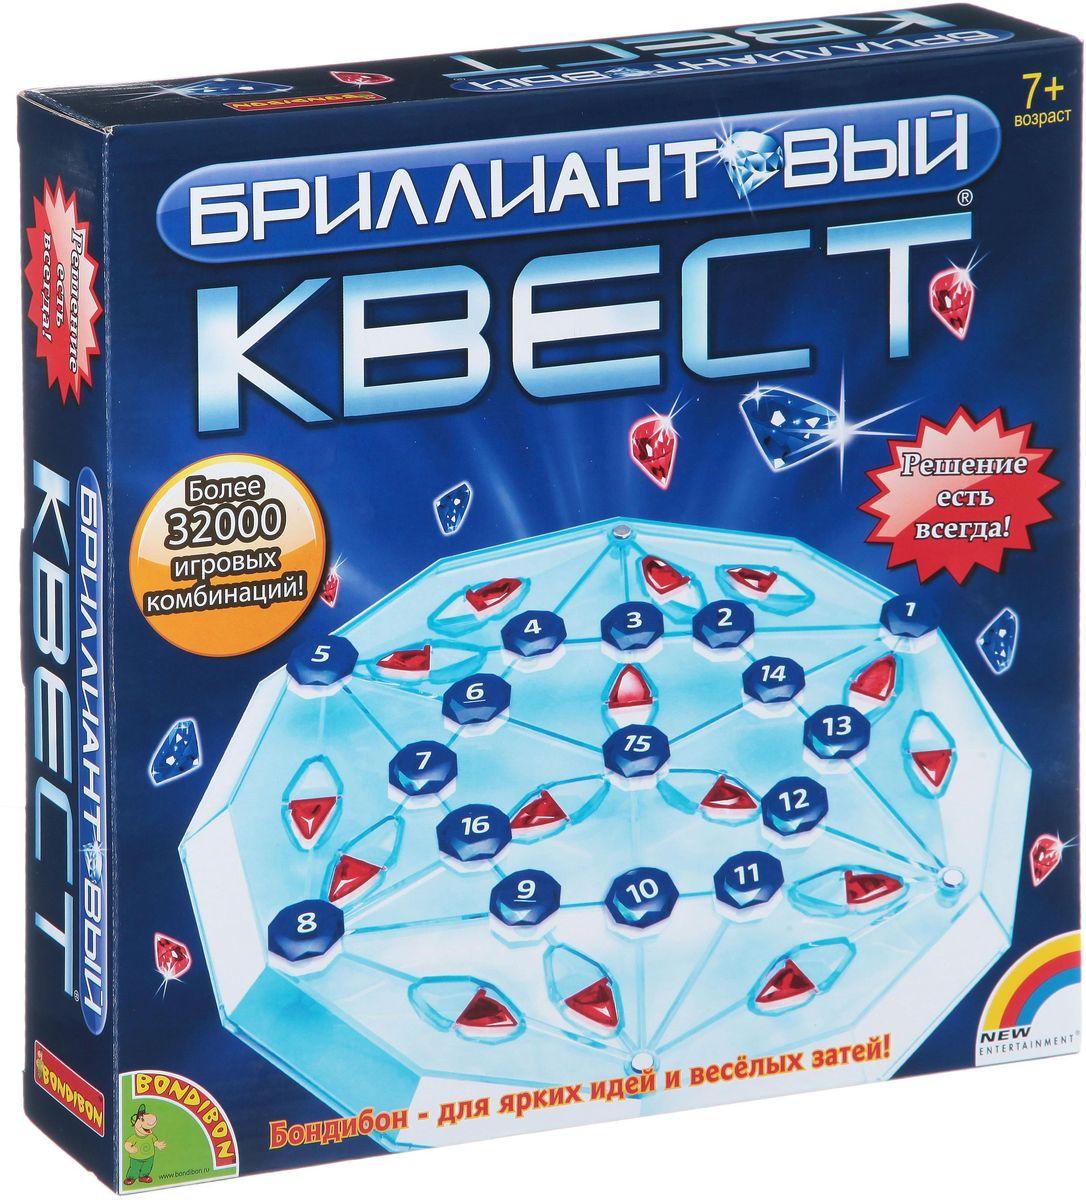 Bondibon Развивающая игра Бриллиантовый квестВВ1406Игра Бриллиантовый квест предназначена как для одного игрока, так и для компании. В этой игре предстоит на специальной шестигранной доске размещать пронумерованные магнитные камни в количестве 19 штук определенным образом: на точках пересечения линий и так, чтобы получилась непрерывная тропа! Игра требует большой внимательности и наличия пространственного мышления, и станет замечательным интеллектуальным развлечением – как для детей, так и для взрослых! А наличие огромного количества игровых комбинаций никогда не даст заскучать!